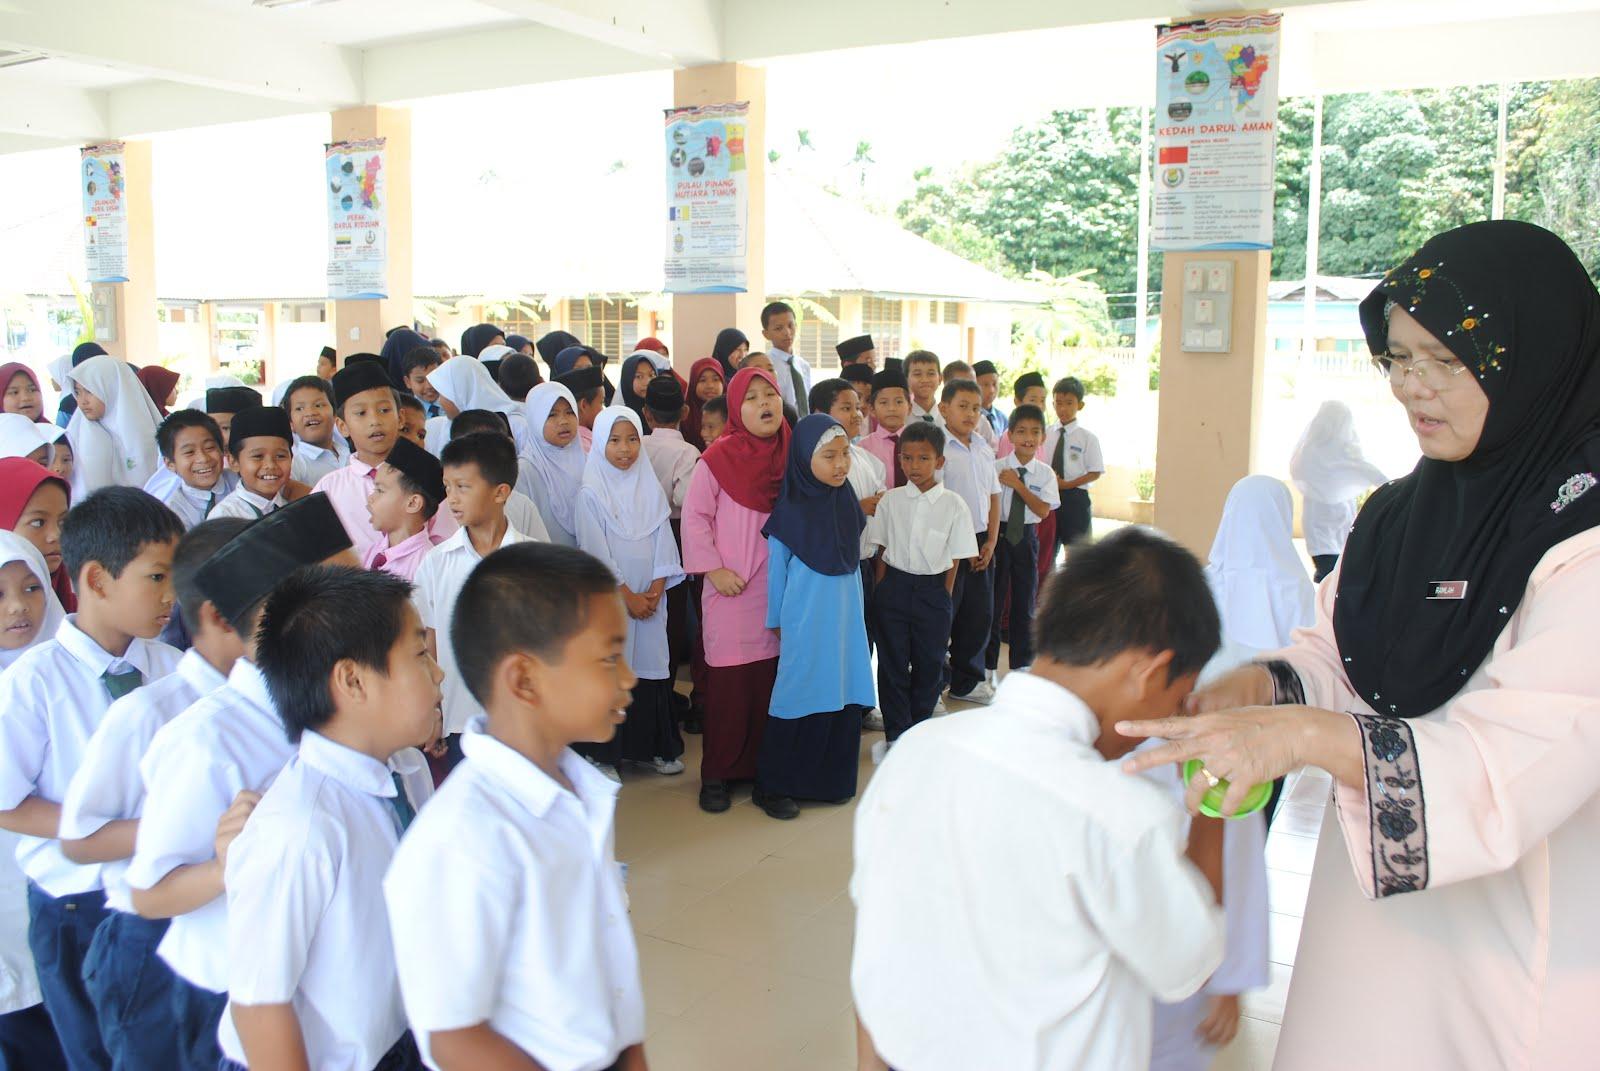 Majlis telah diadakan di Dewan Gemilang SK Dendang sempena pertukaran